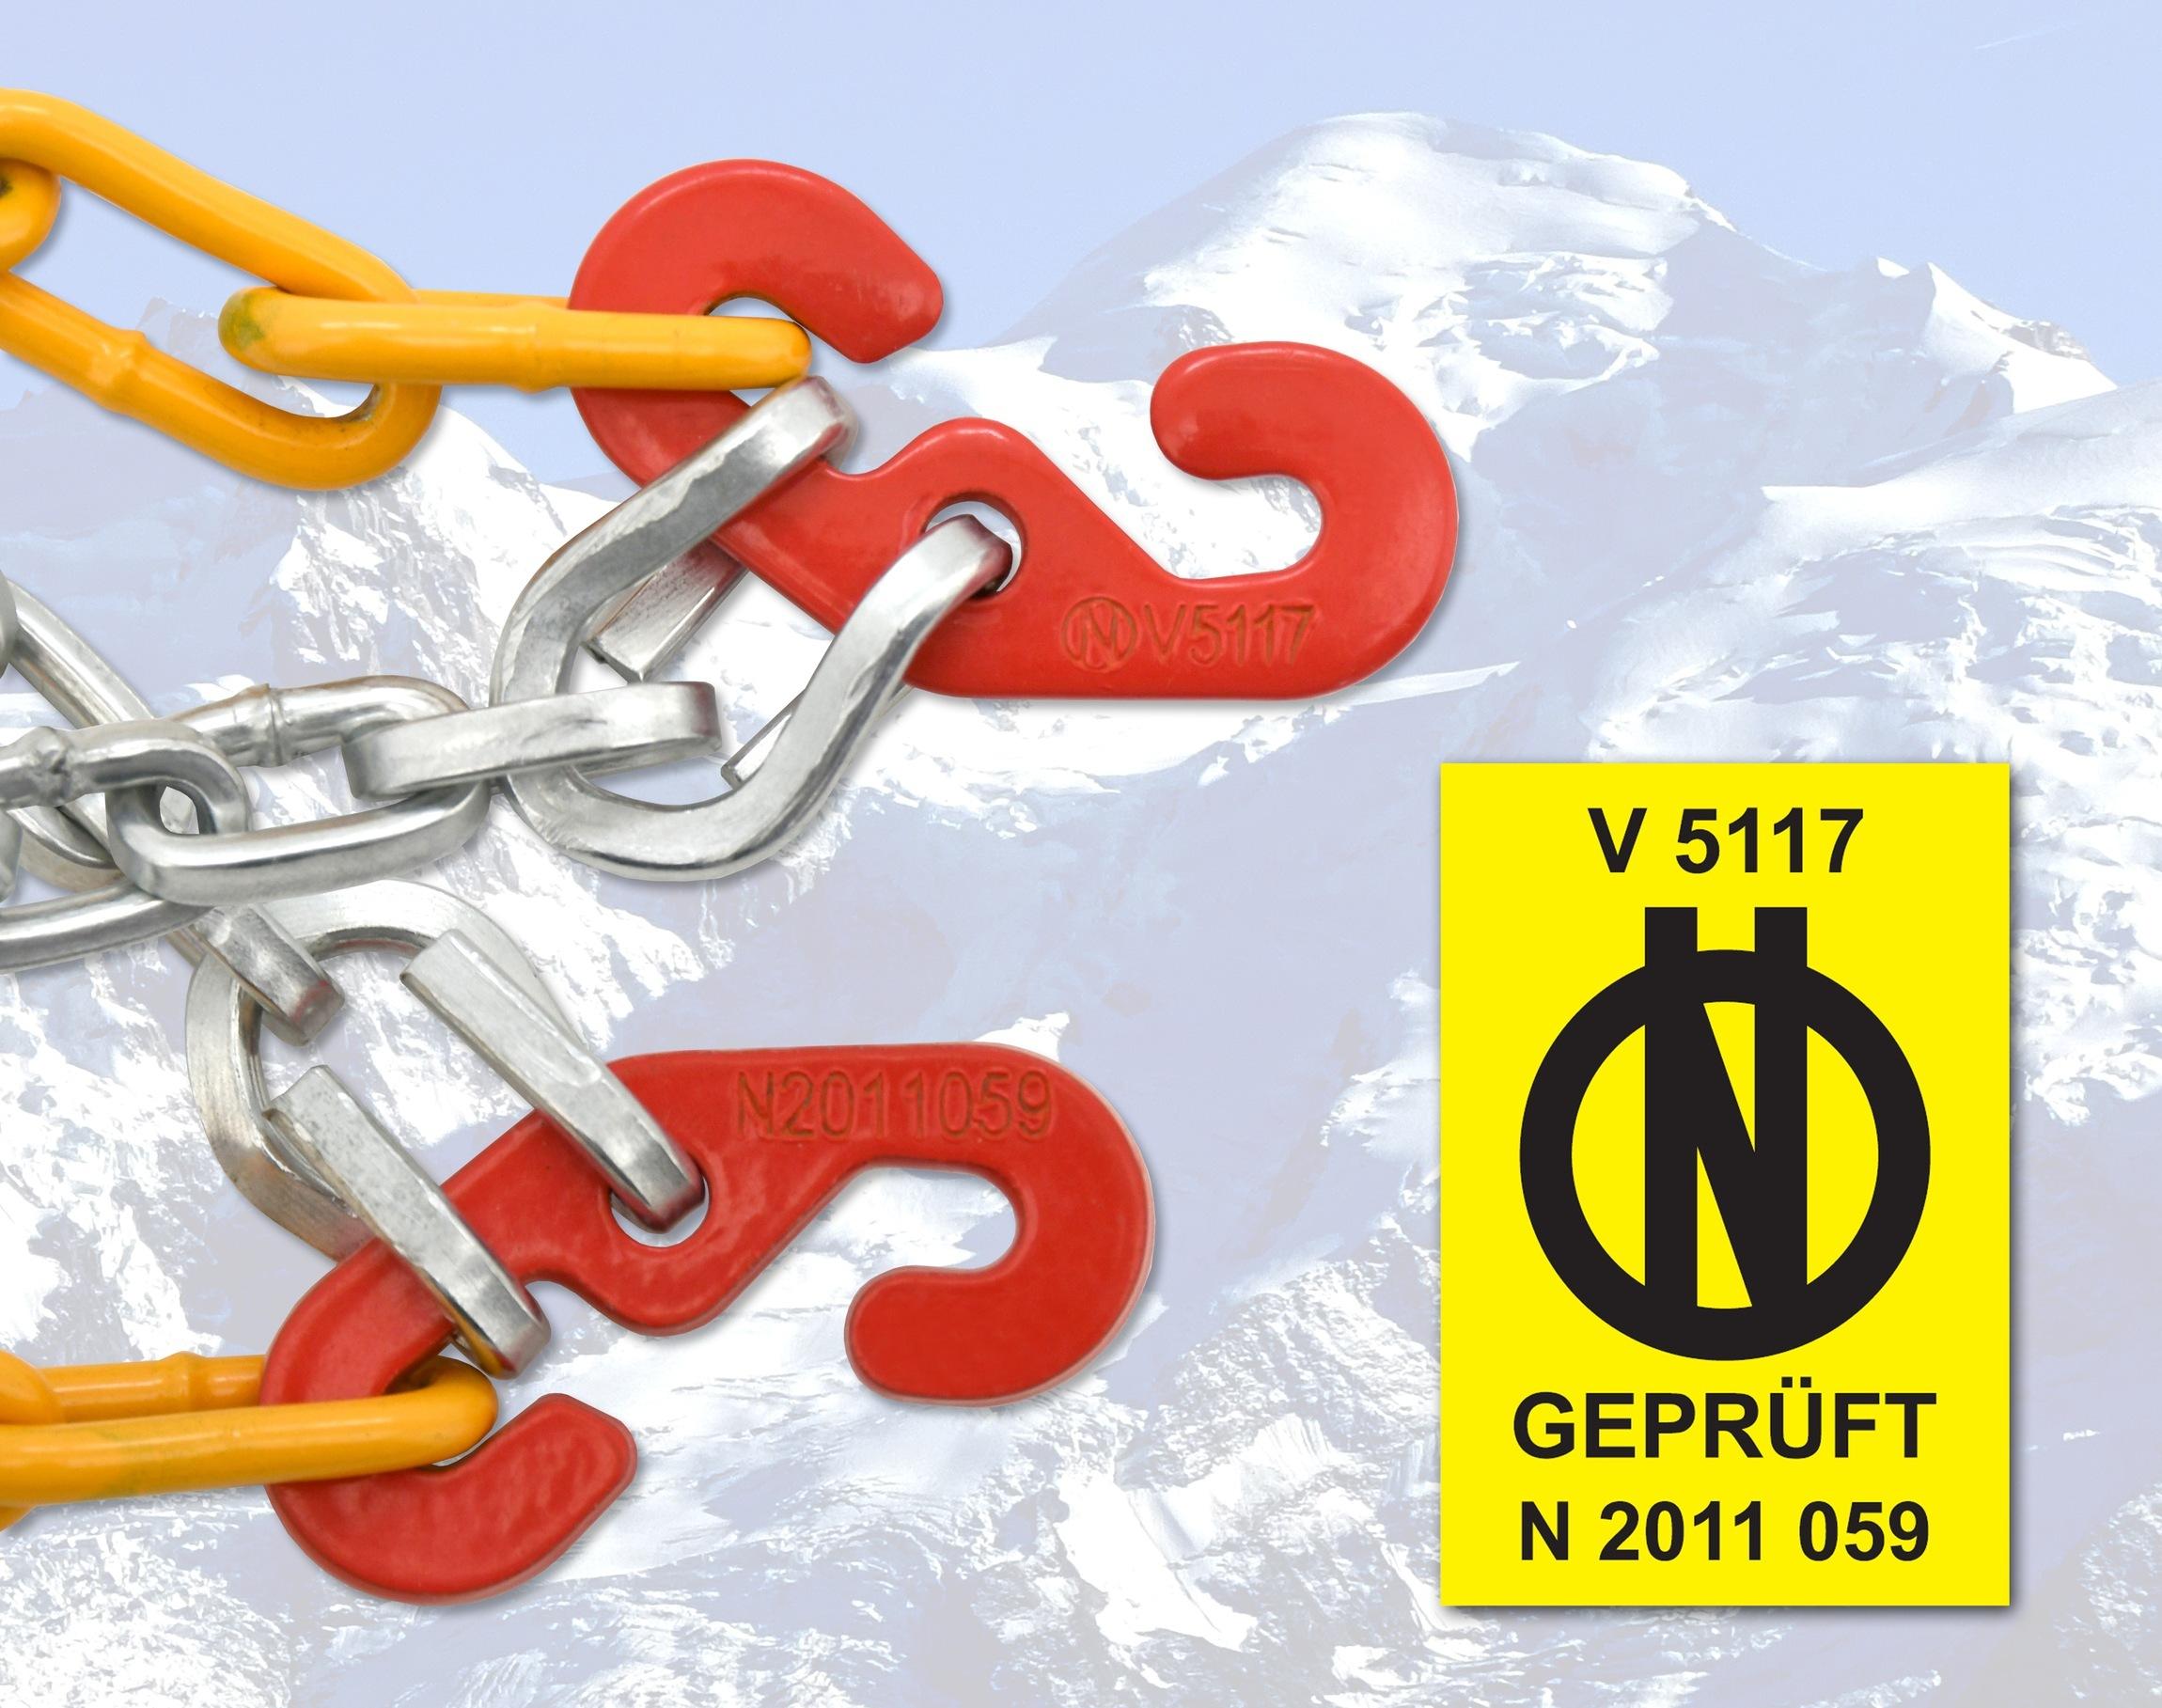 Sněhové řetězy WINTER ÖNORM X40 nylon bag